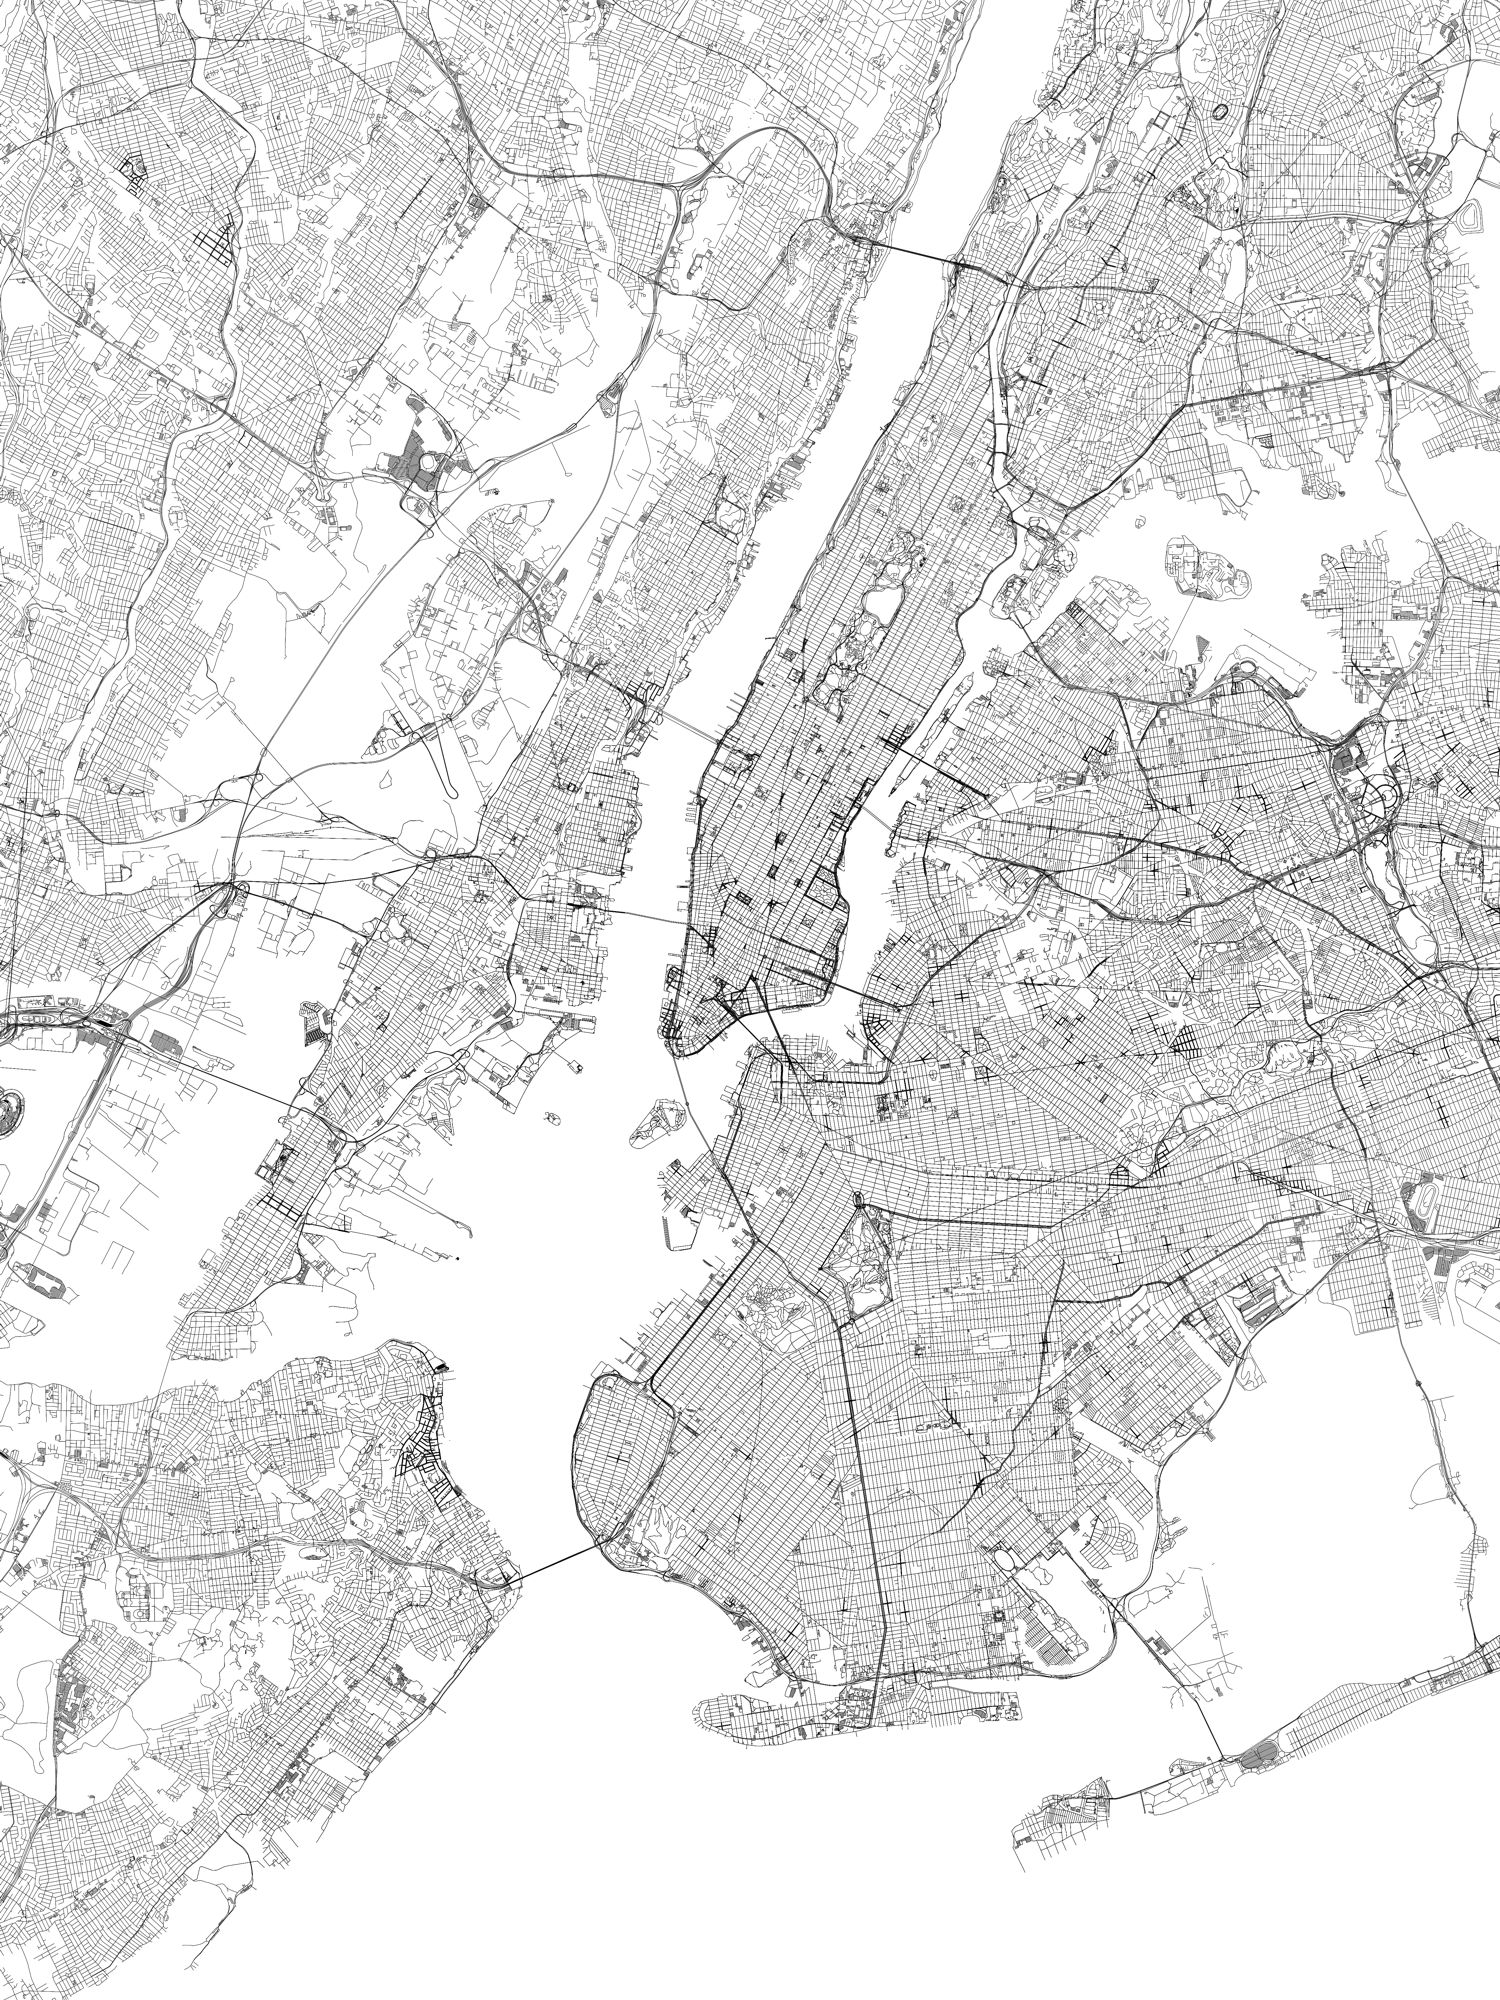 New York. Bathymetry